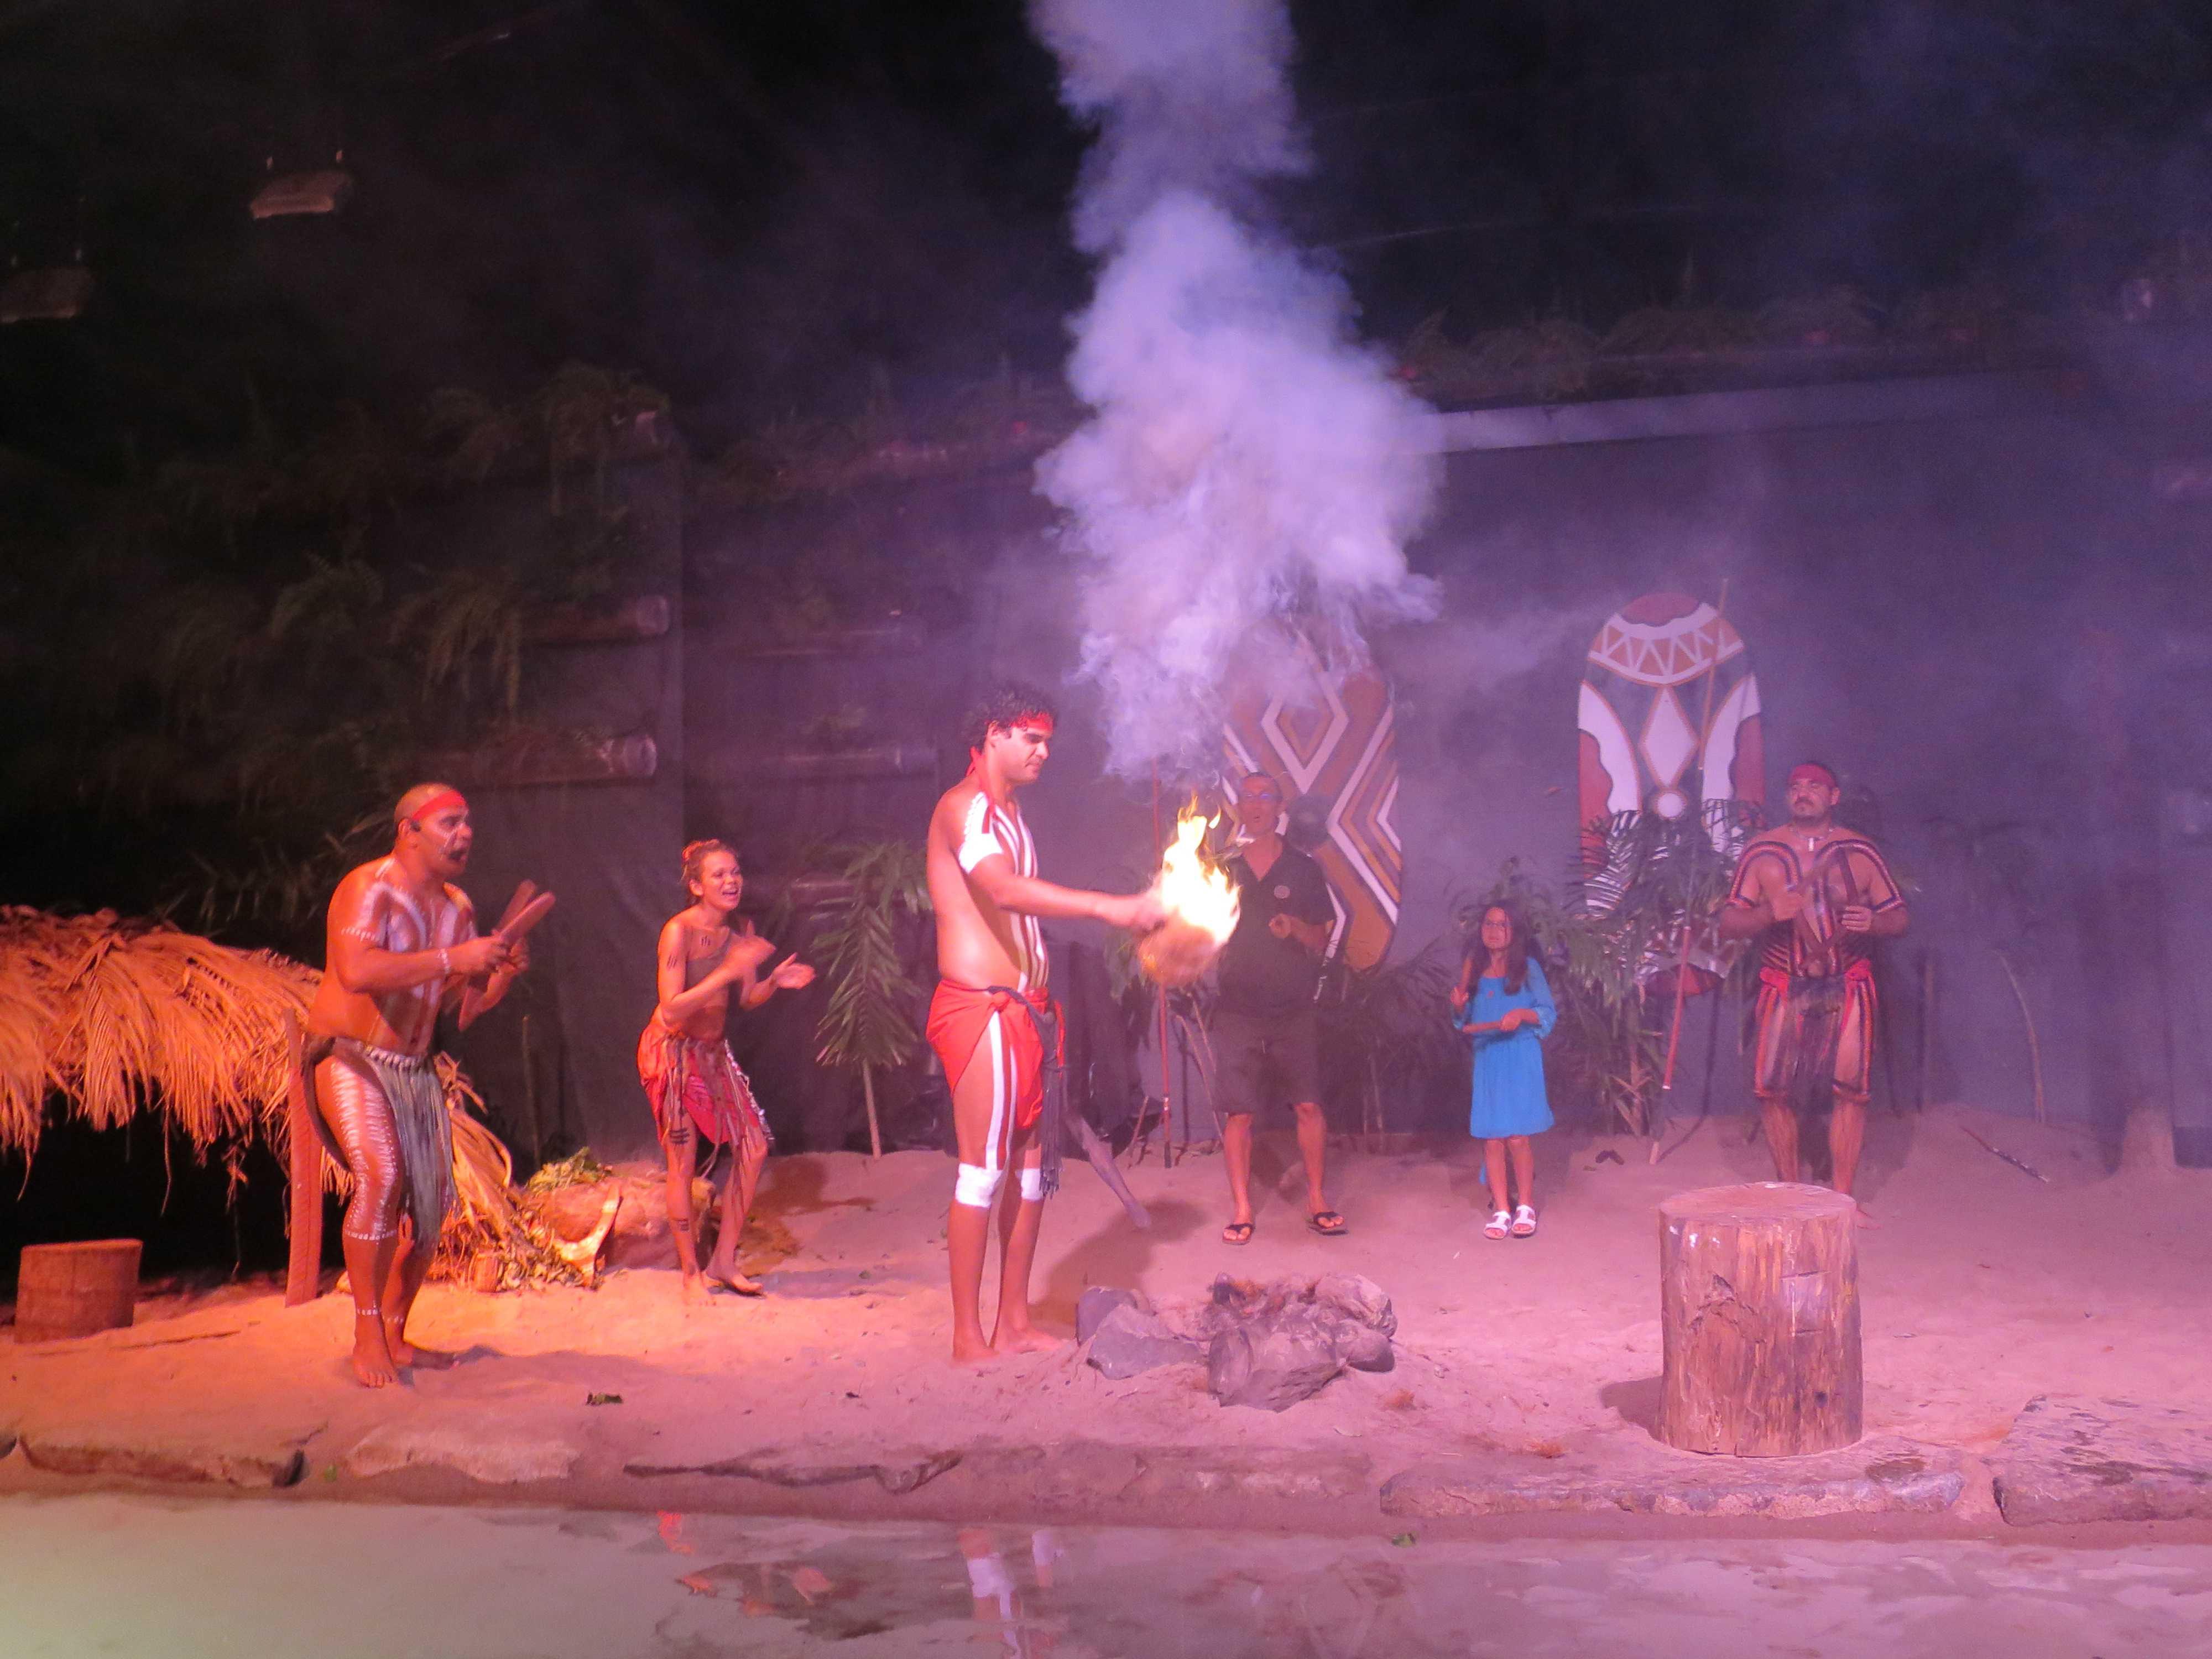 アボリジニダンス - 火を手に入れたアボリジニ